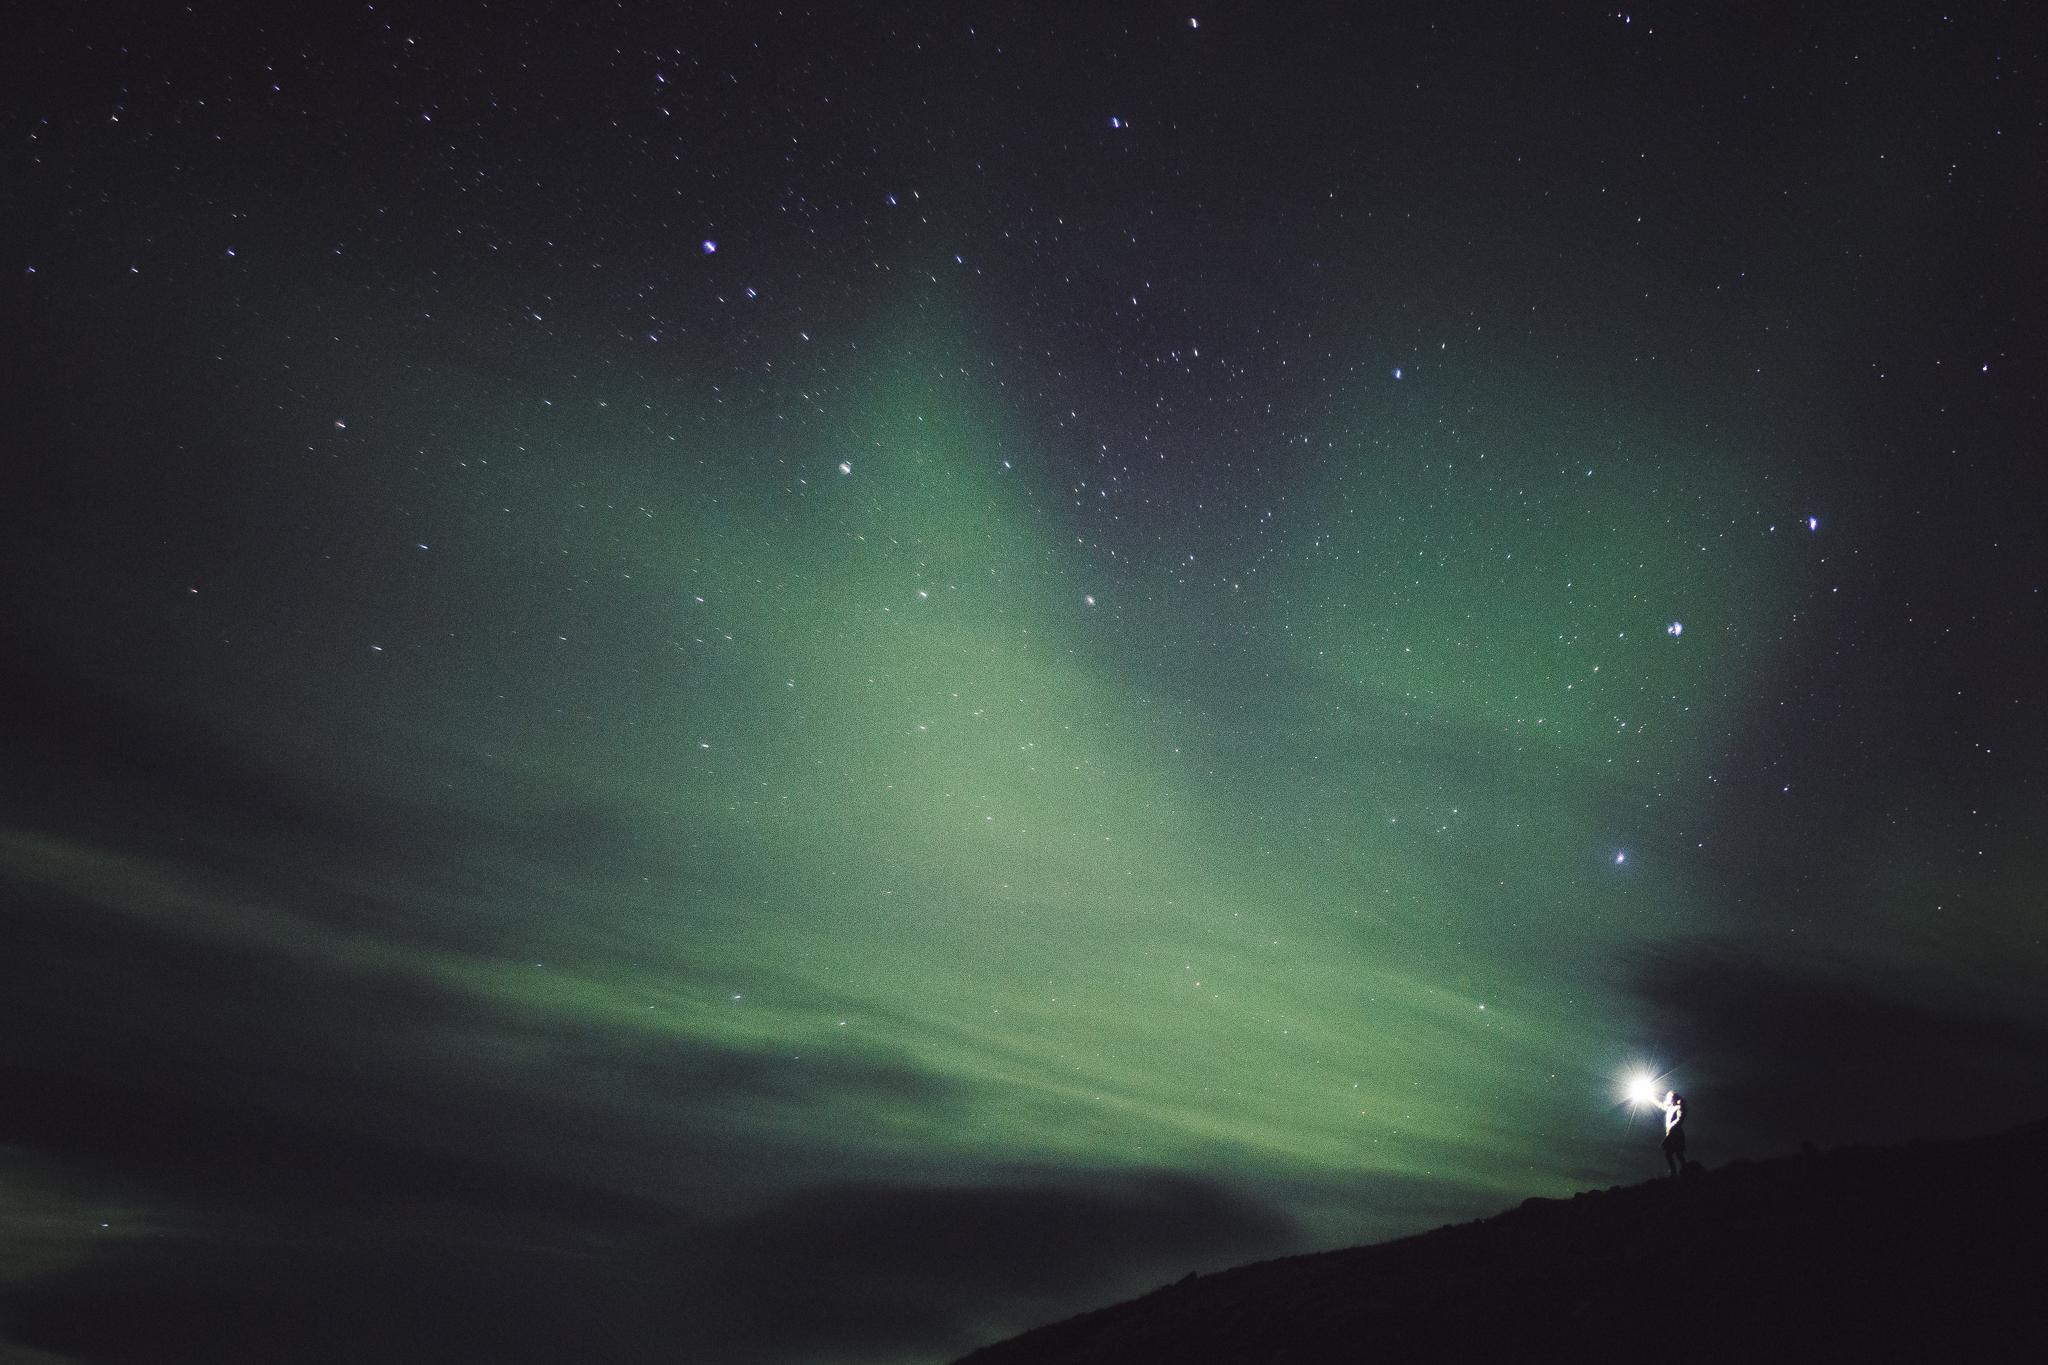 Iceland_BEC 016 [Image by Jarrad Seng].jpg